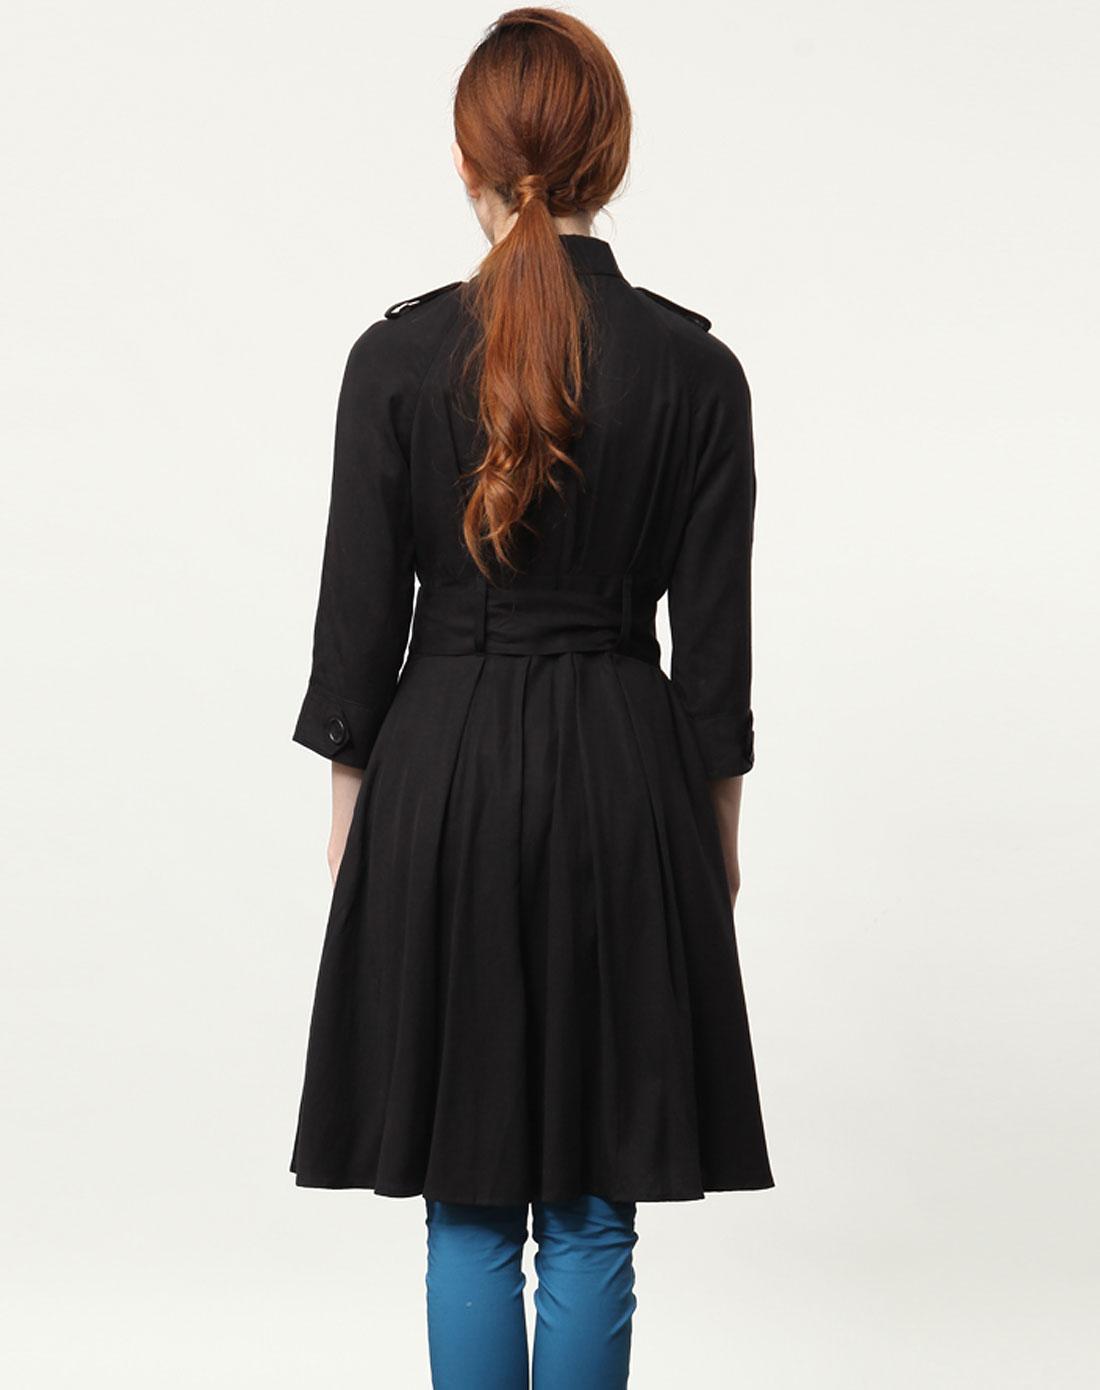 黑色春款中袖风衣